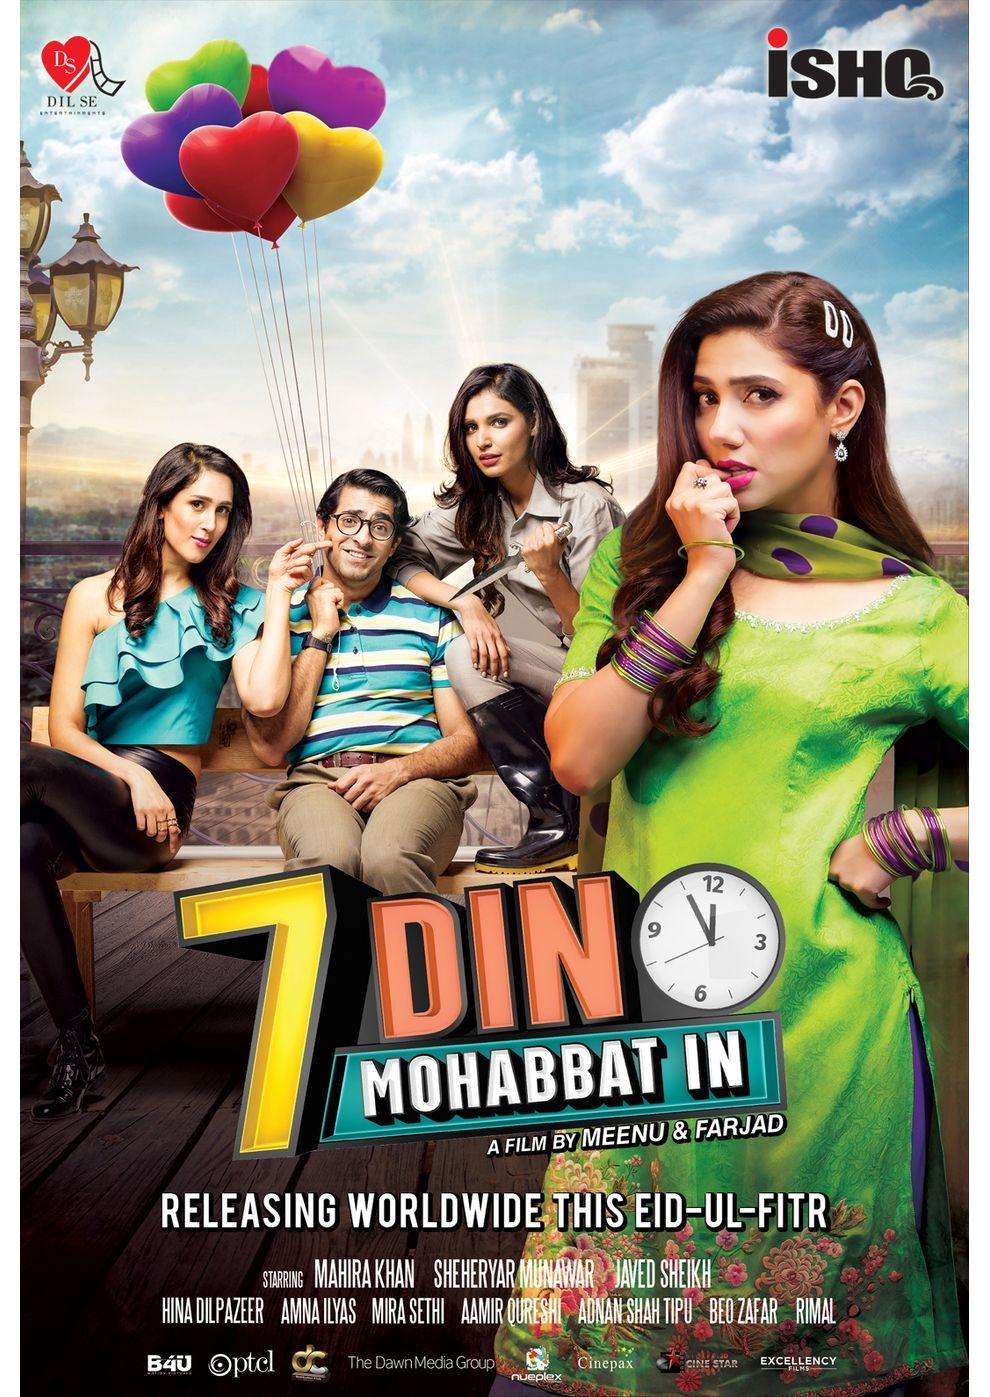 7 Din Mohabbat In (Poster)